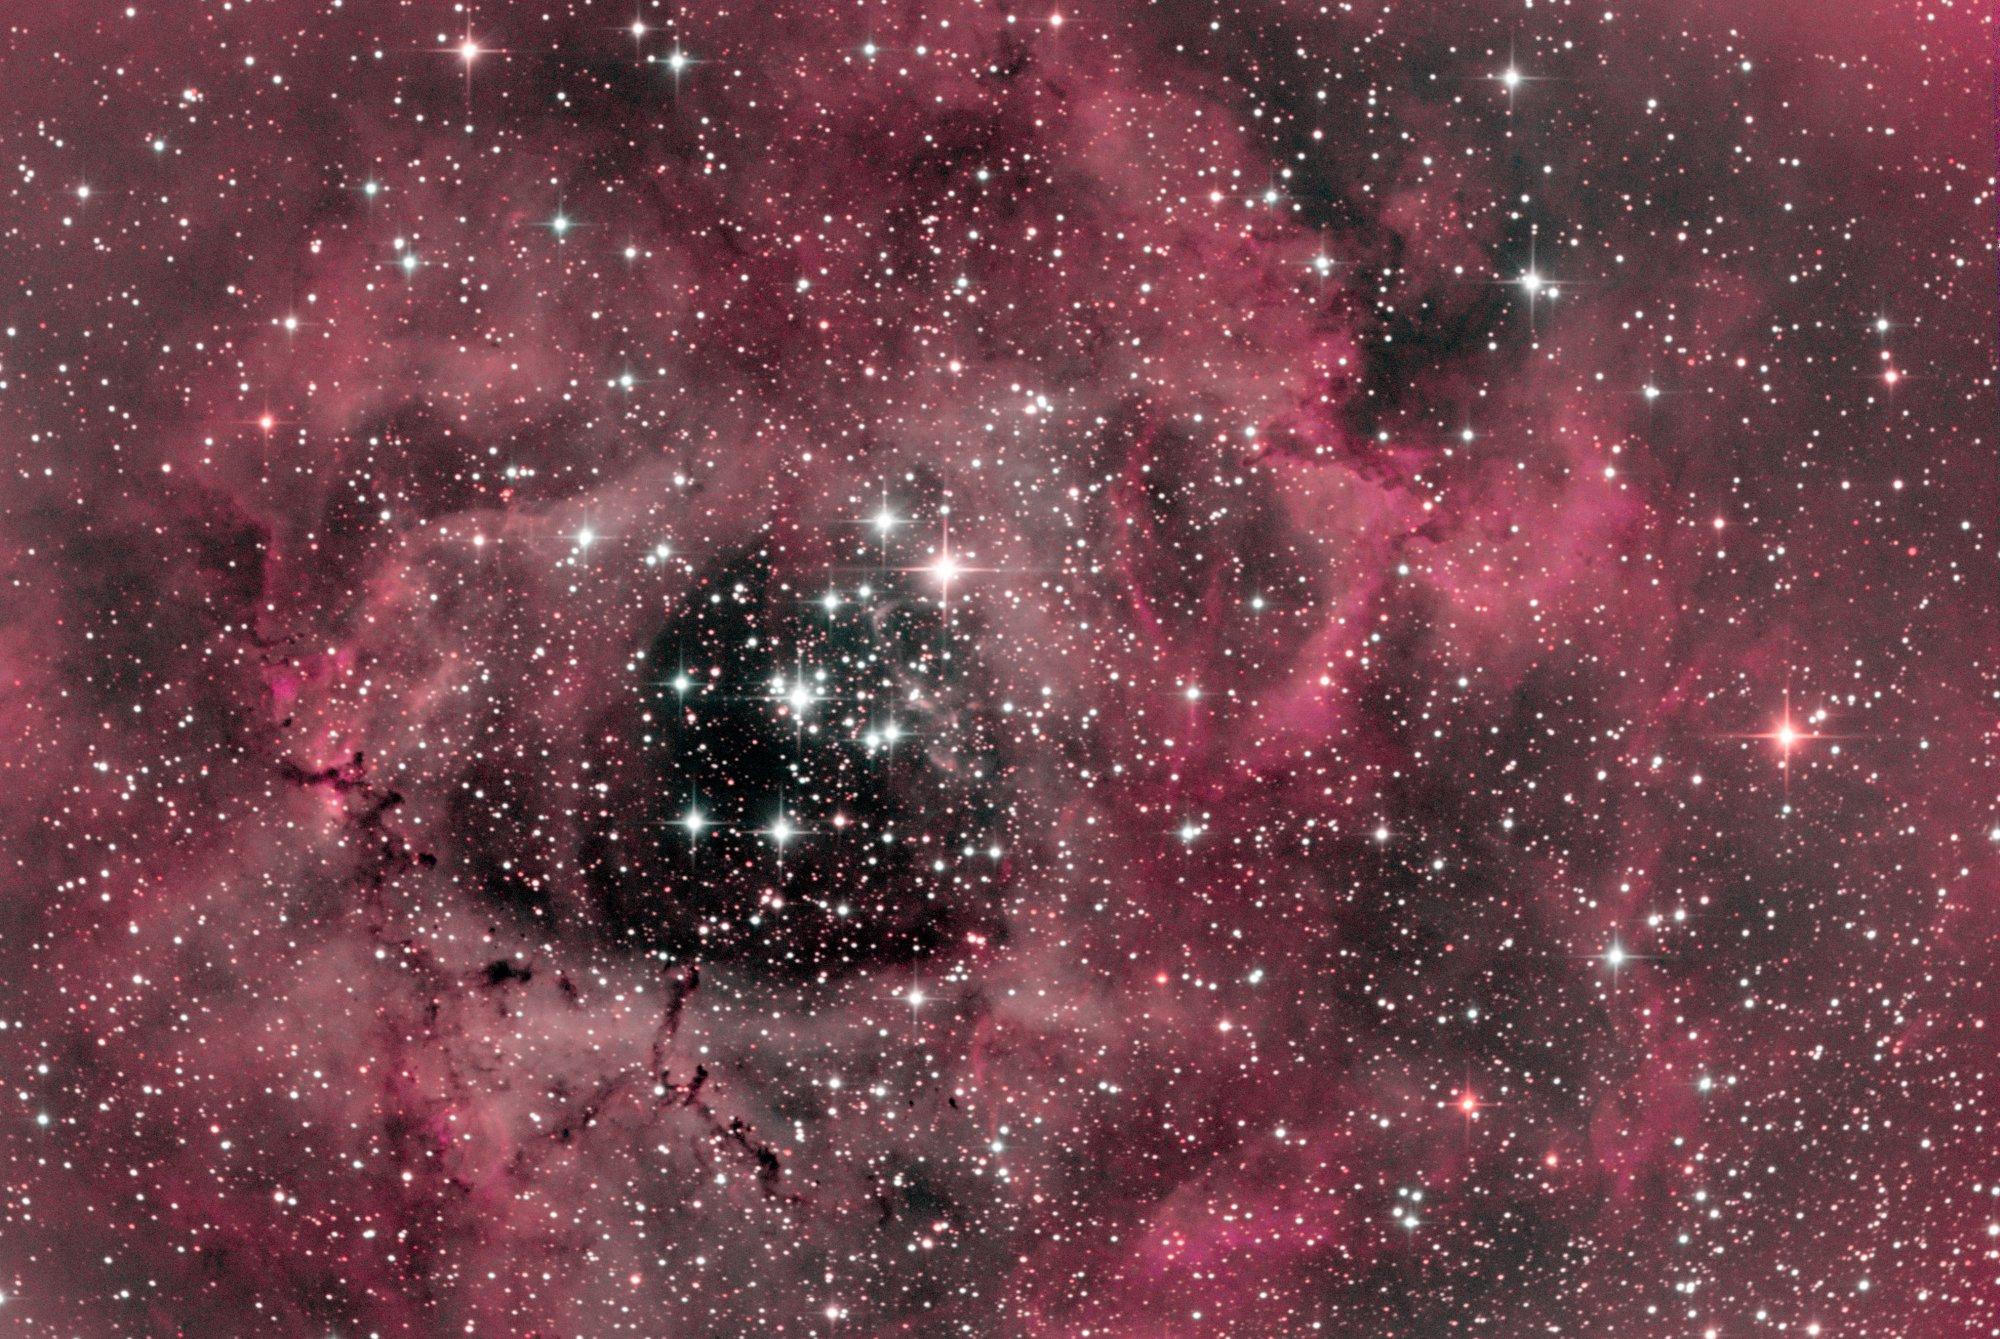 NGC2244.thumb.jpg.de77fb070e53093a3606033b333a8e14.jpg.71236217d88d8c6d16f31ccbb5afa6ea.jpg